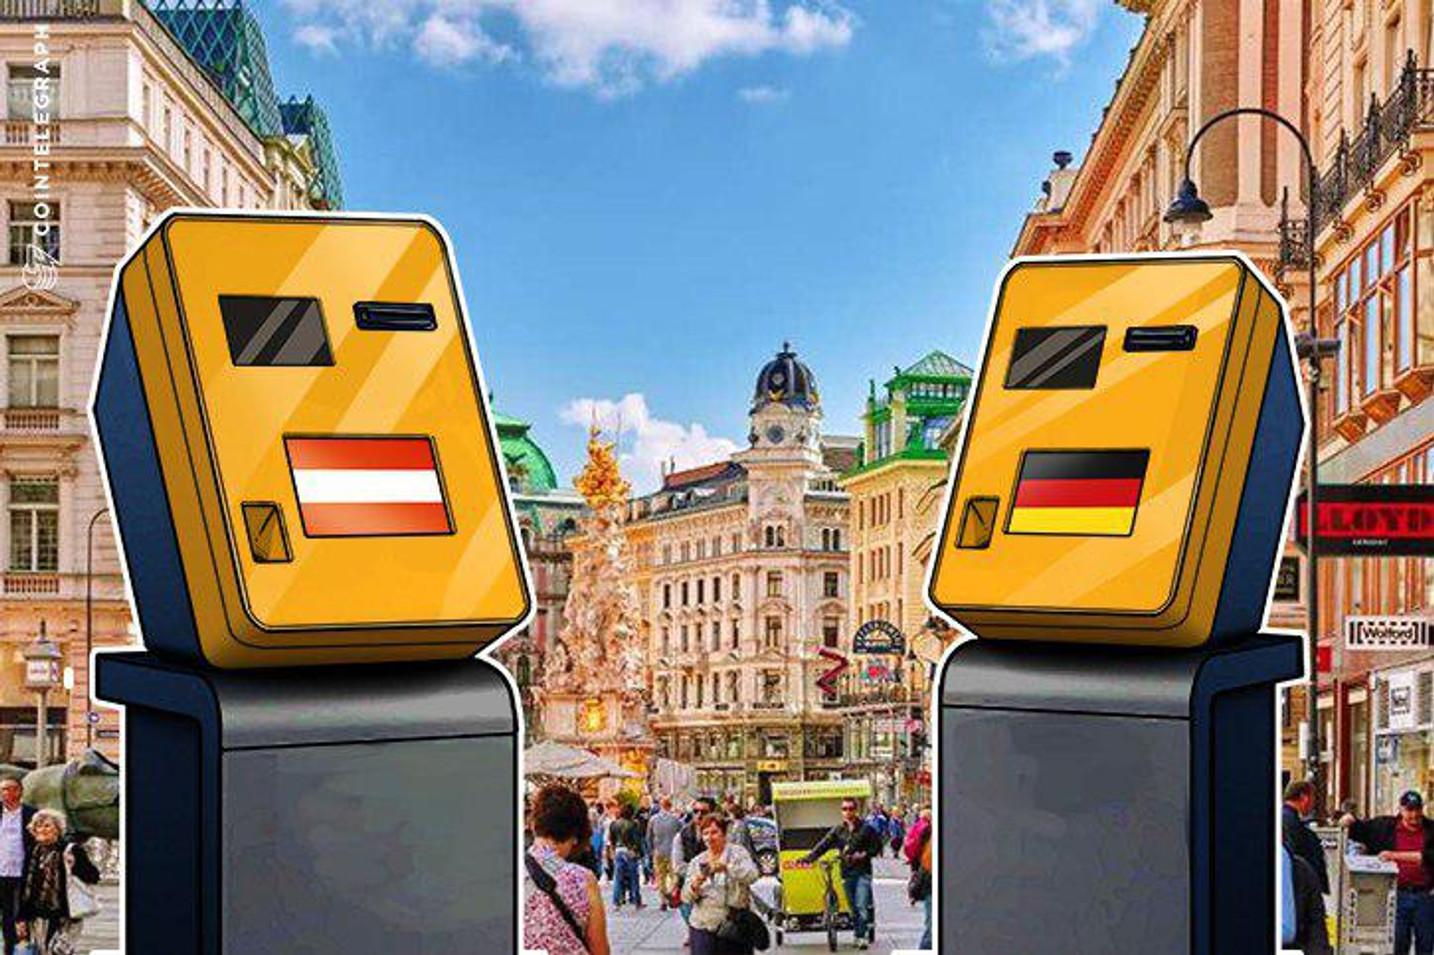 Österreichische Bitcoin-Geldautomaten sollen Deutschland erobern